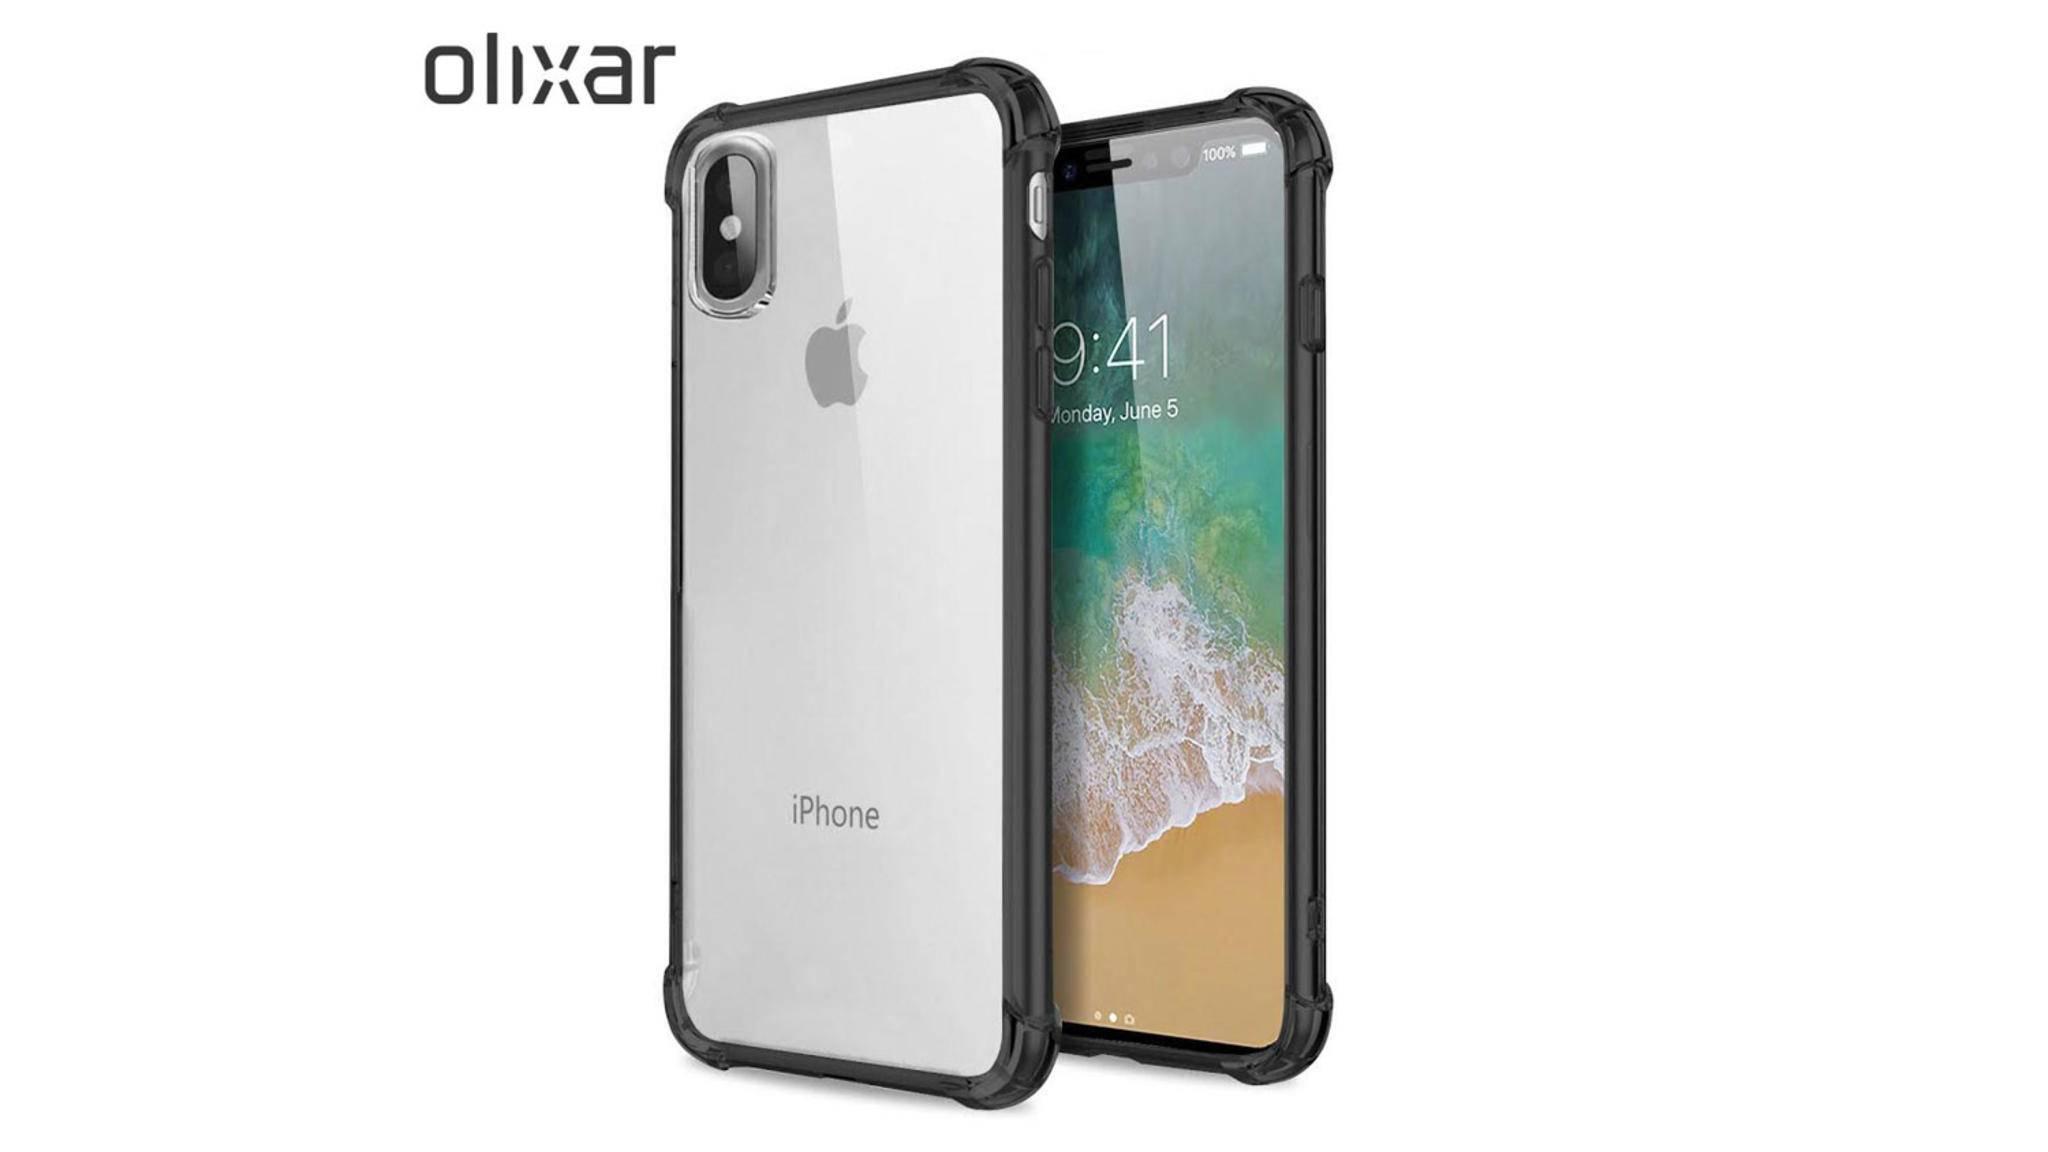 Case-Hersteller Olixar ist sich seiner Sache sicher und bietet iPhone-8-Schutzhüllen bereits zur Vorbestellung an.